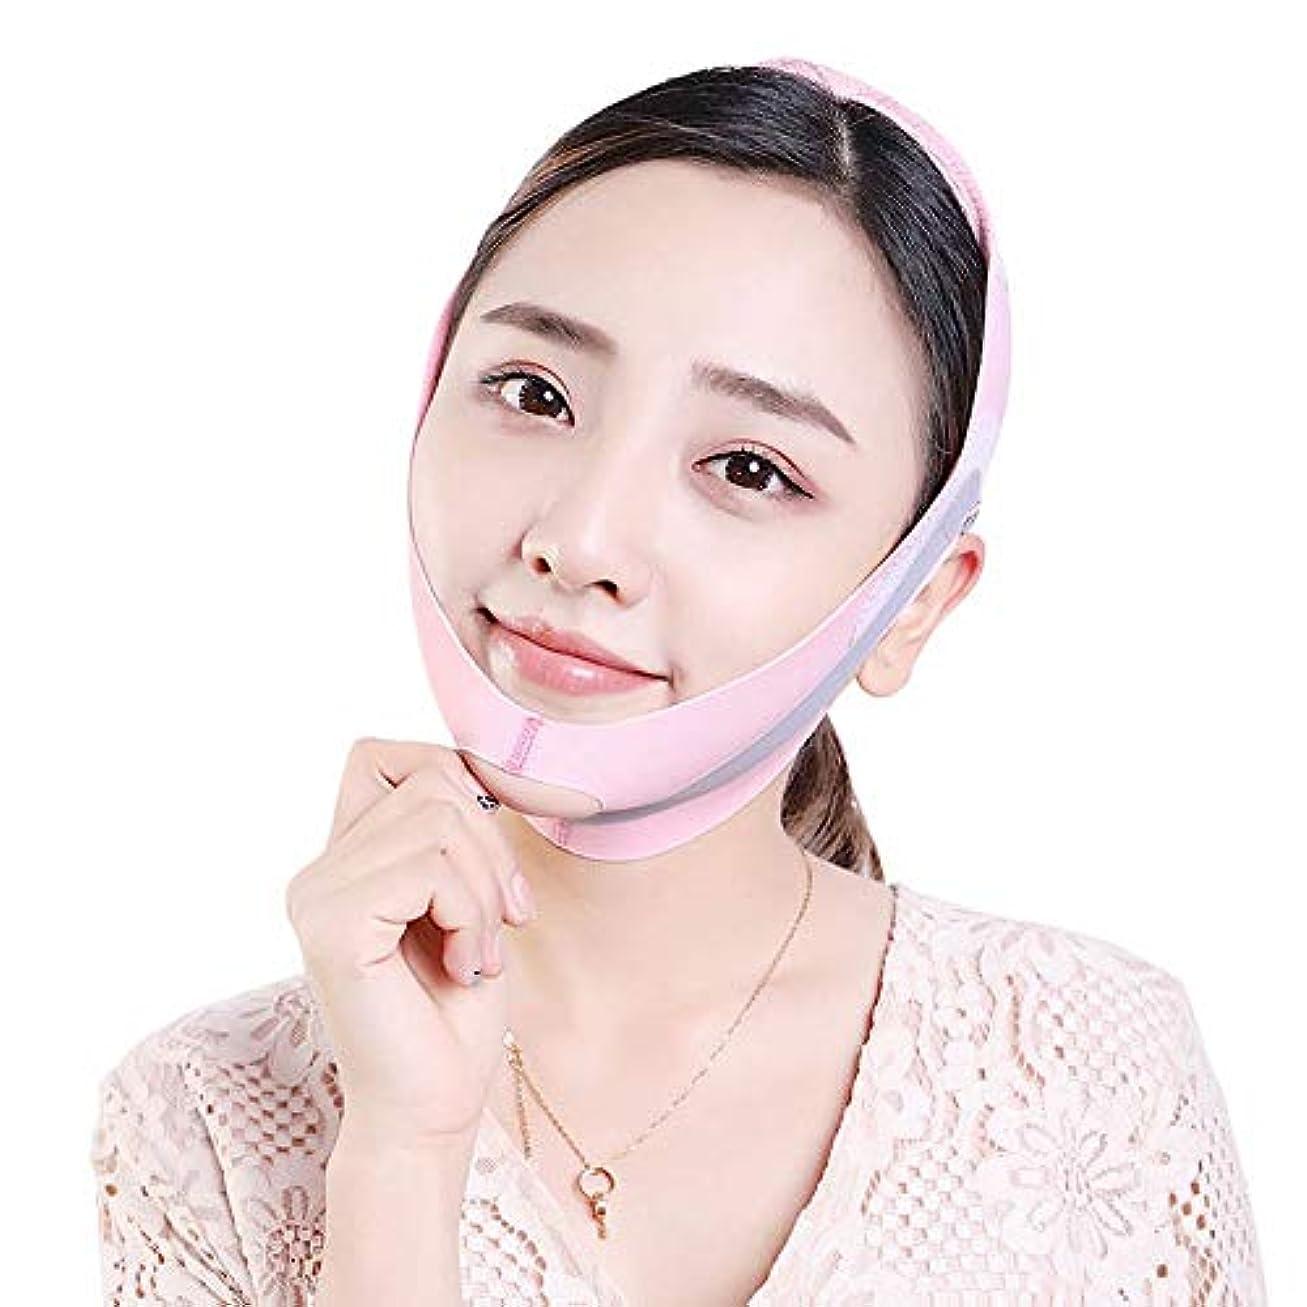 繊細頂点士気たるみを防ぐために顔を持ち上げるために筋肉を引き締めるために二重あごのステッカーとラインを削除するために、顔を持ち上げるアーティファクト包帯があります - ピンク